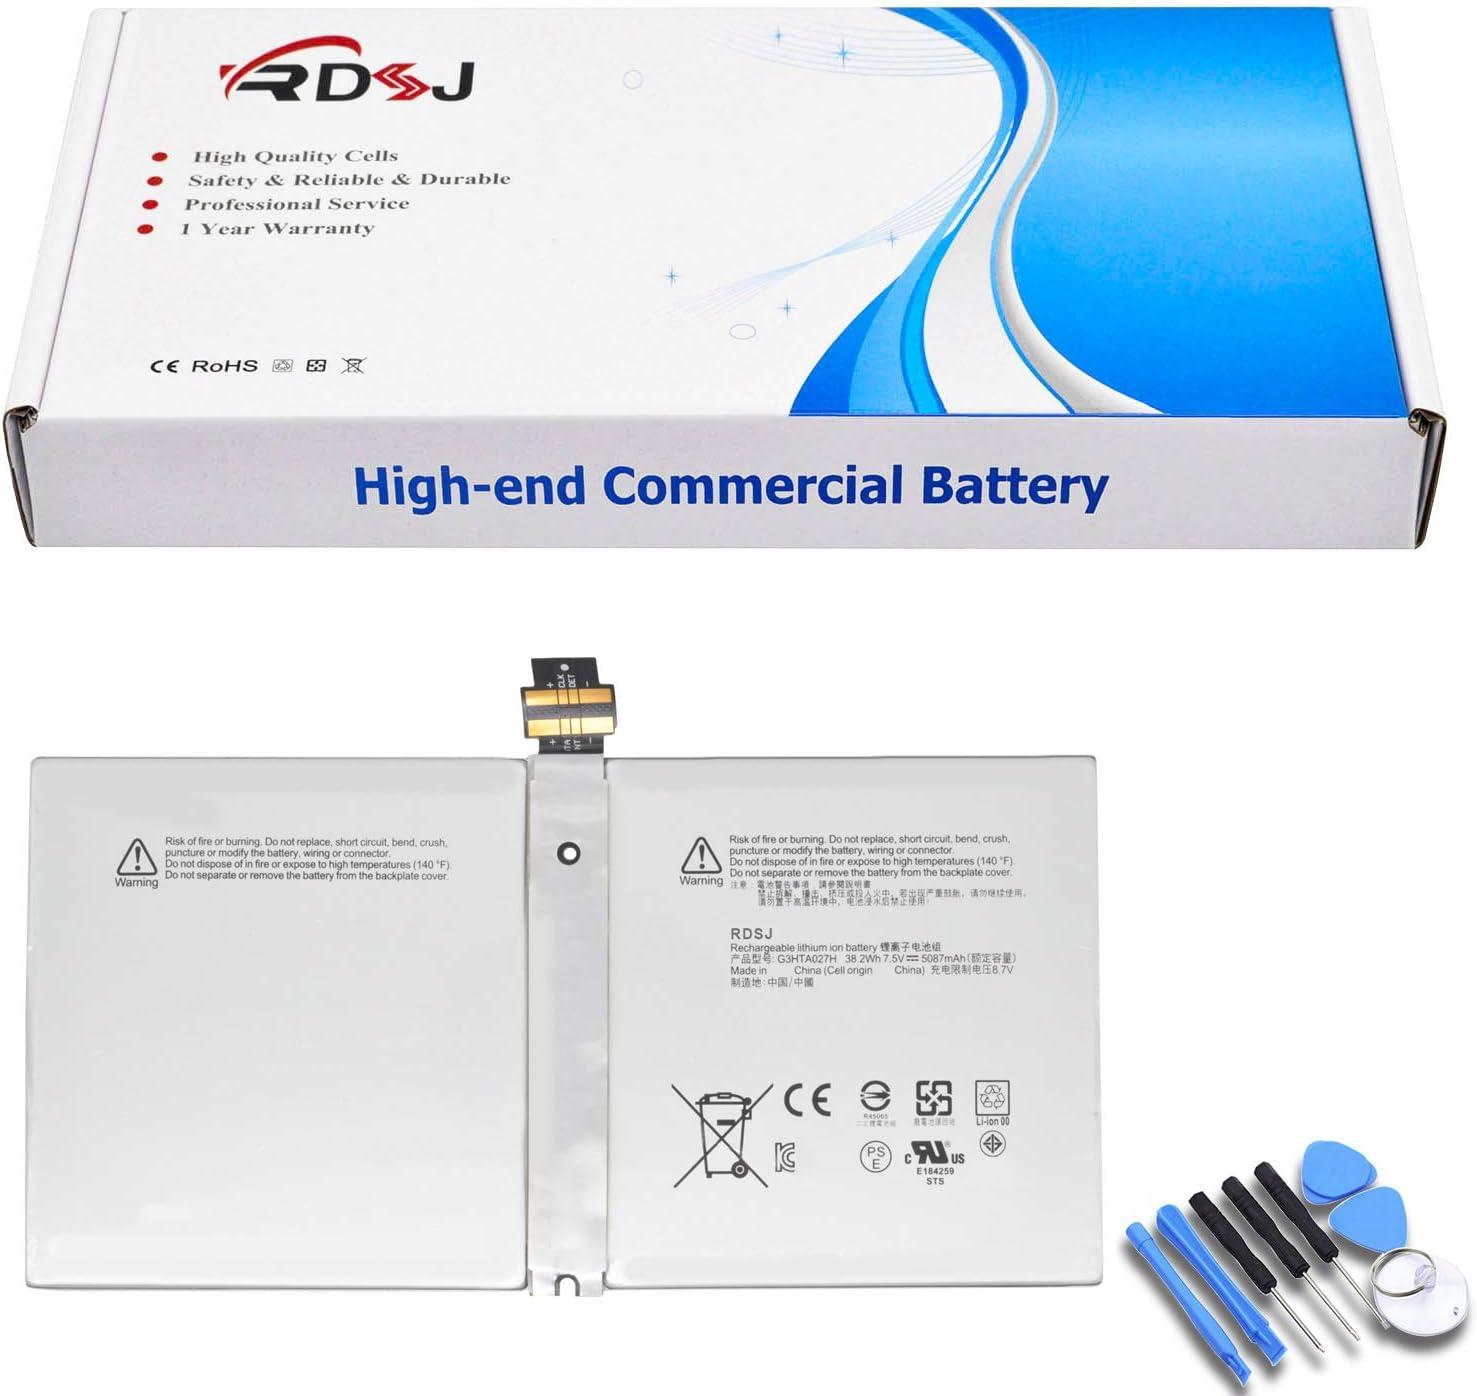 G3HTA027H Philadelphia Mall DYNR01 Laptop Battery for Surface Superlatite Microsoft 4 1724 Pro